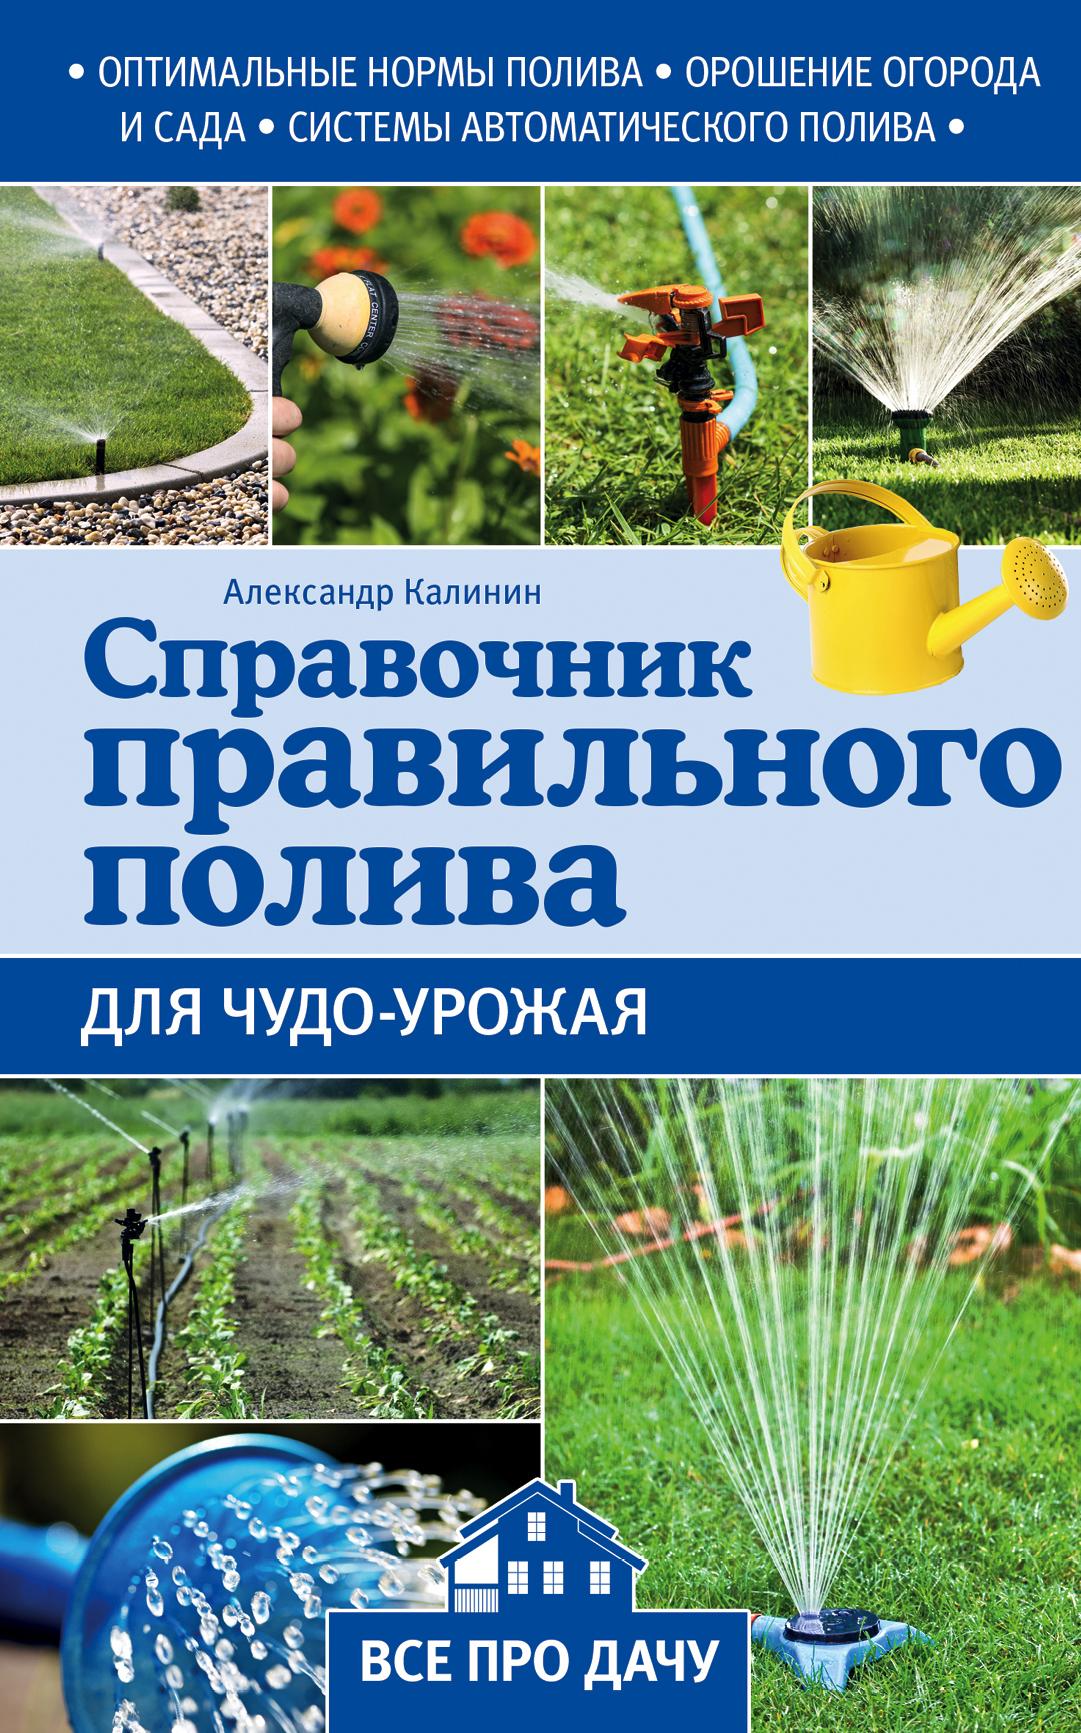 Александр Калинин Справочник правильного полива для чудо-урожая балашов к в автоматизированные системы полива для чудо урожая